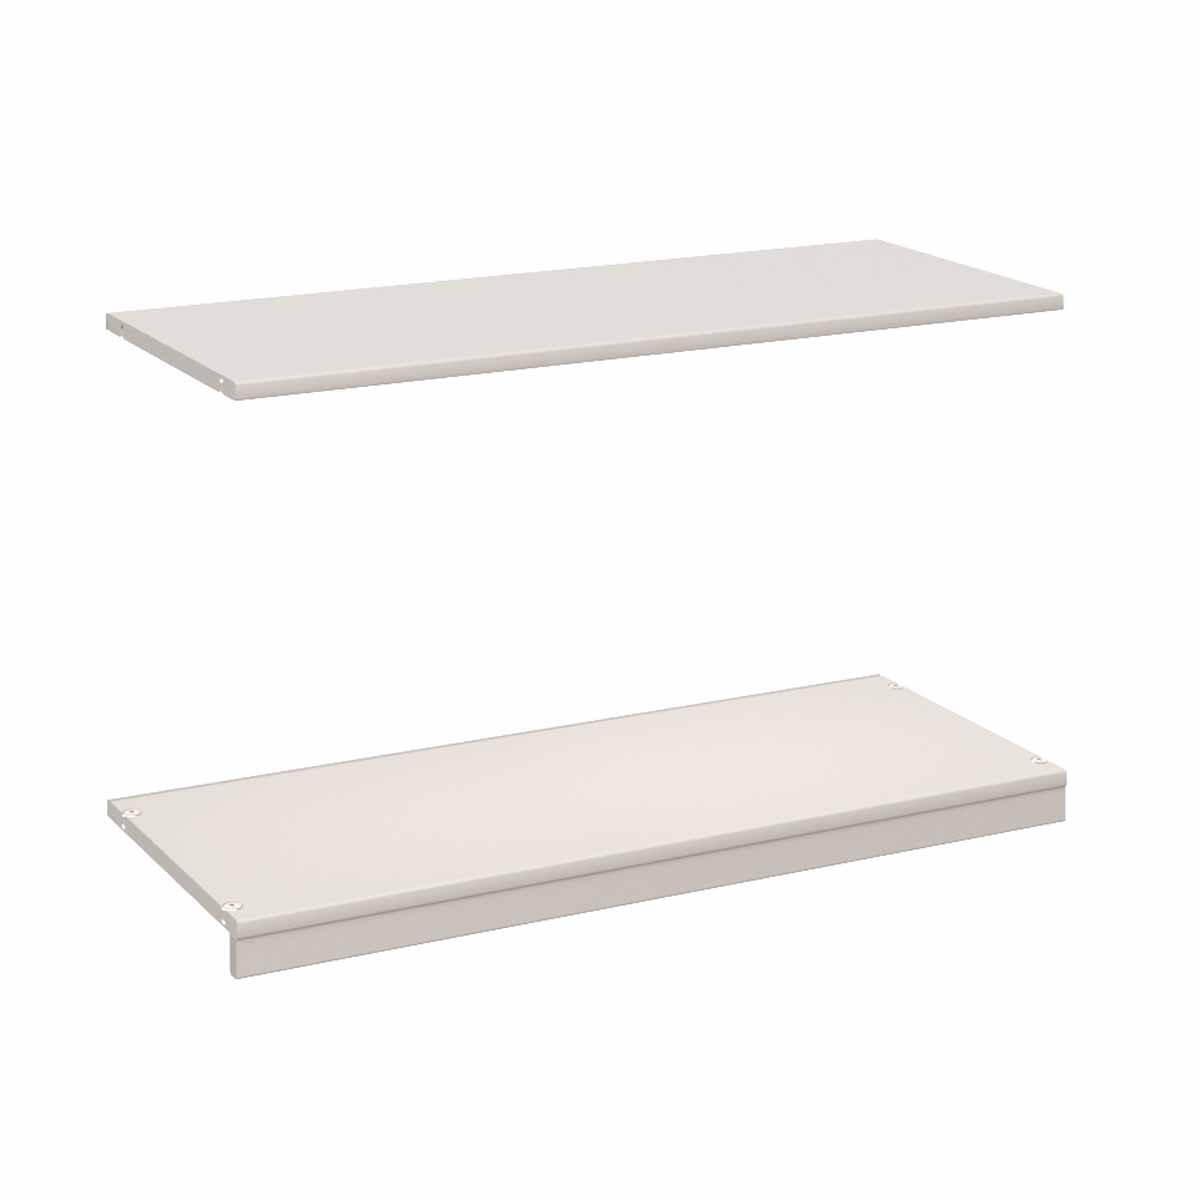 Regal Bauteil Boden-Deckel  KASVA Mdf weiß-lackiert